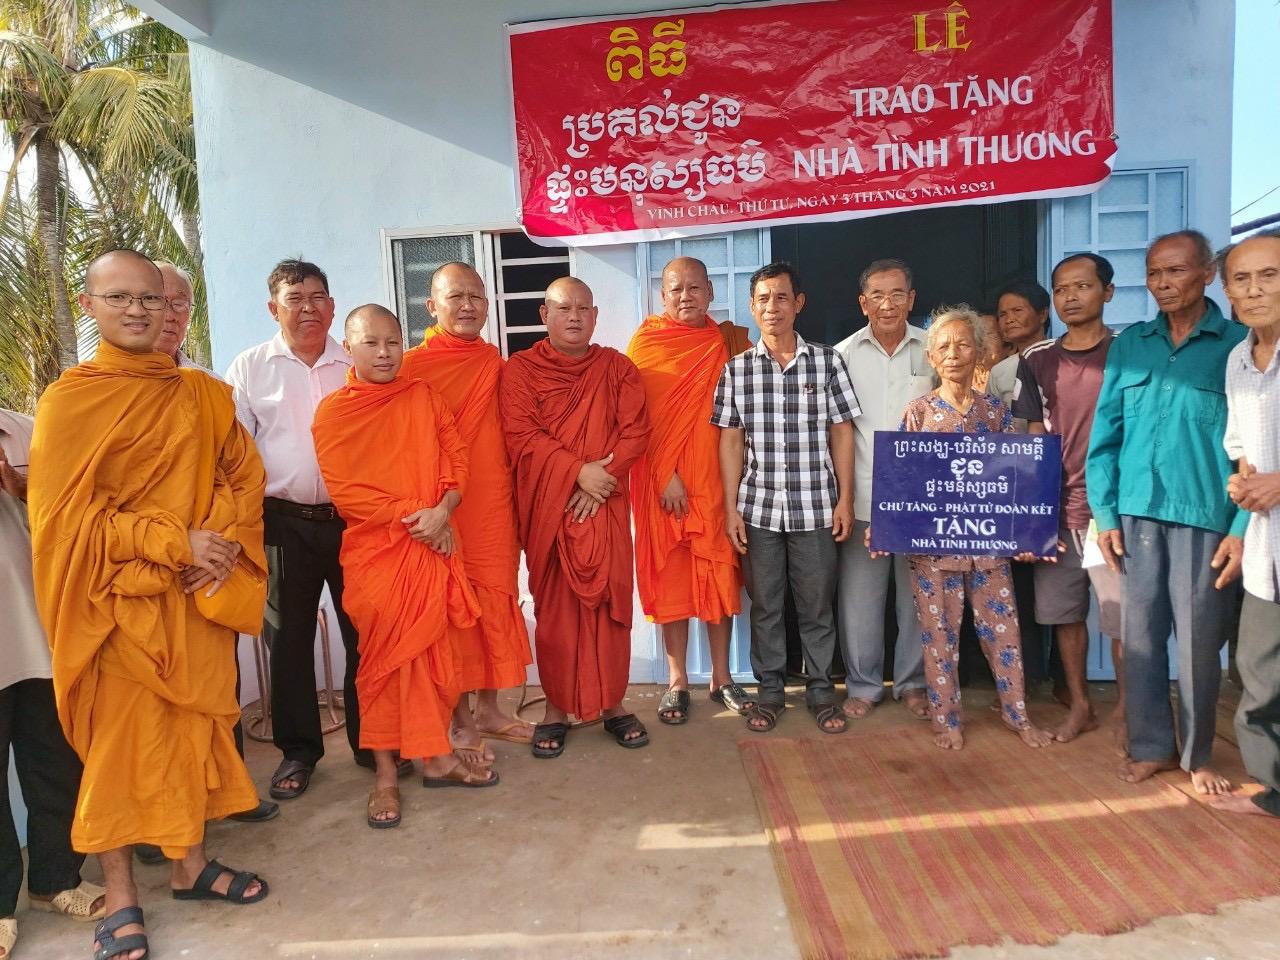 Hội đoàn kết sư sãi yêu nước thị xã Vĩnh Châu và chùa Sê Rây Kandal Trao nhà cho Danh Chiên - ấp Giồng Dú.